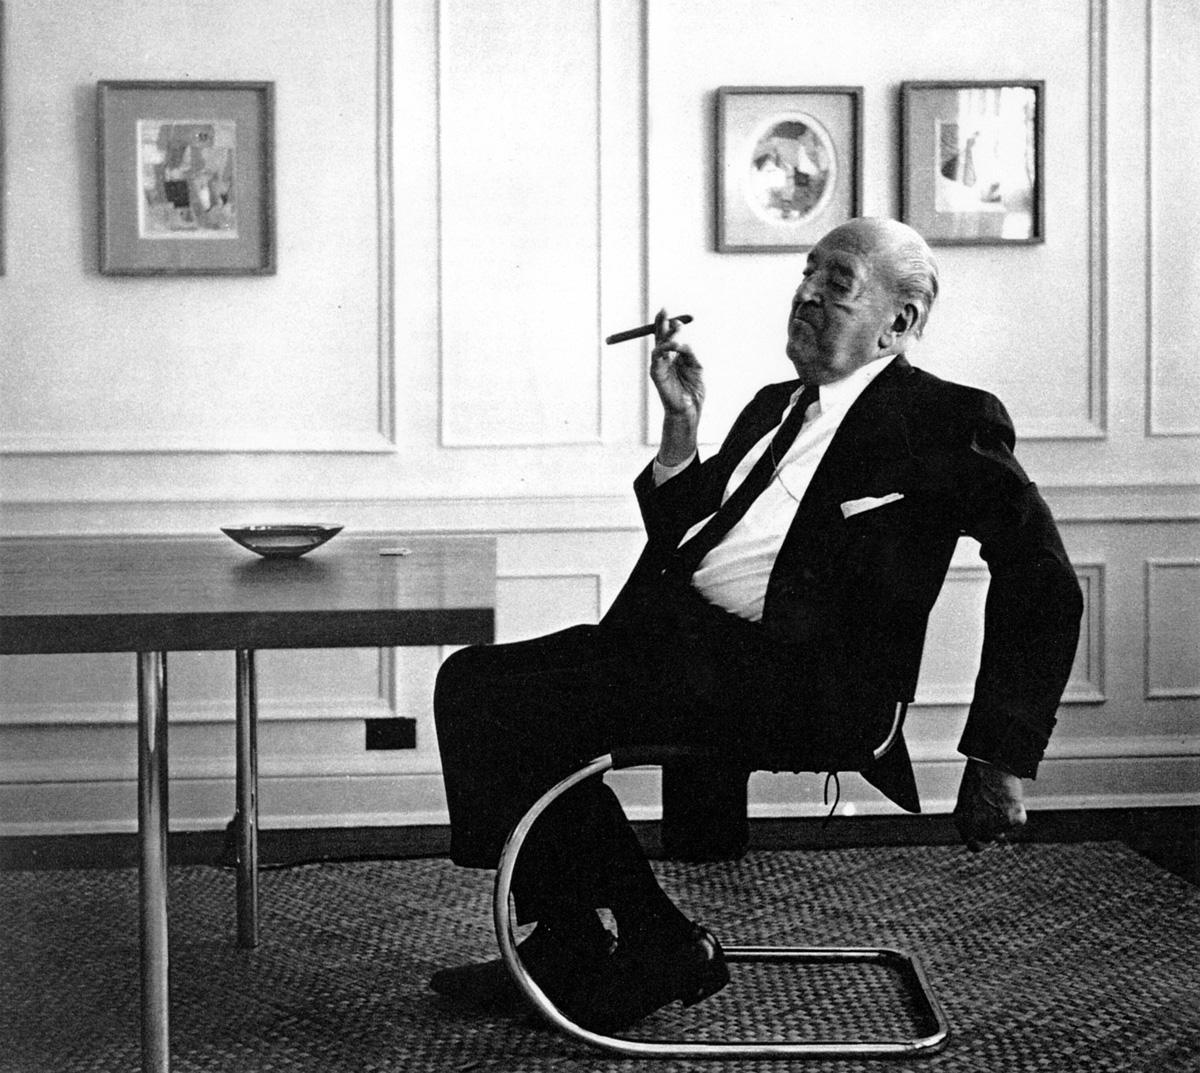 Mies van der rohe chair - Mies Van Der Rohe D42 Bauhaus Chair